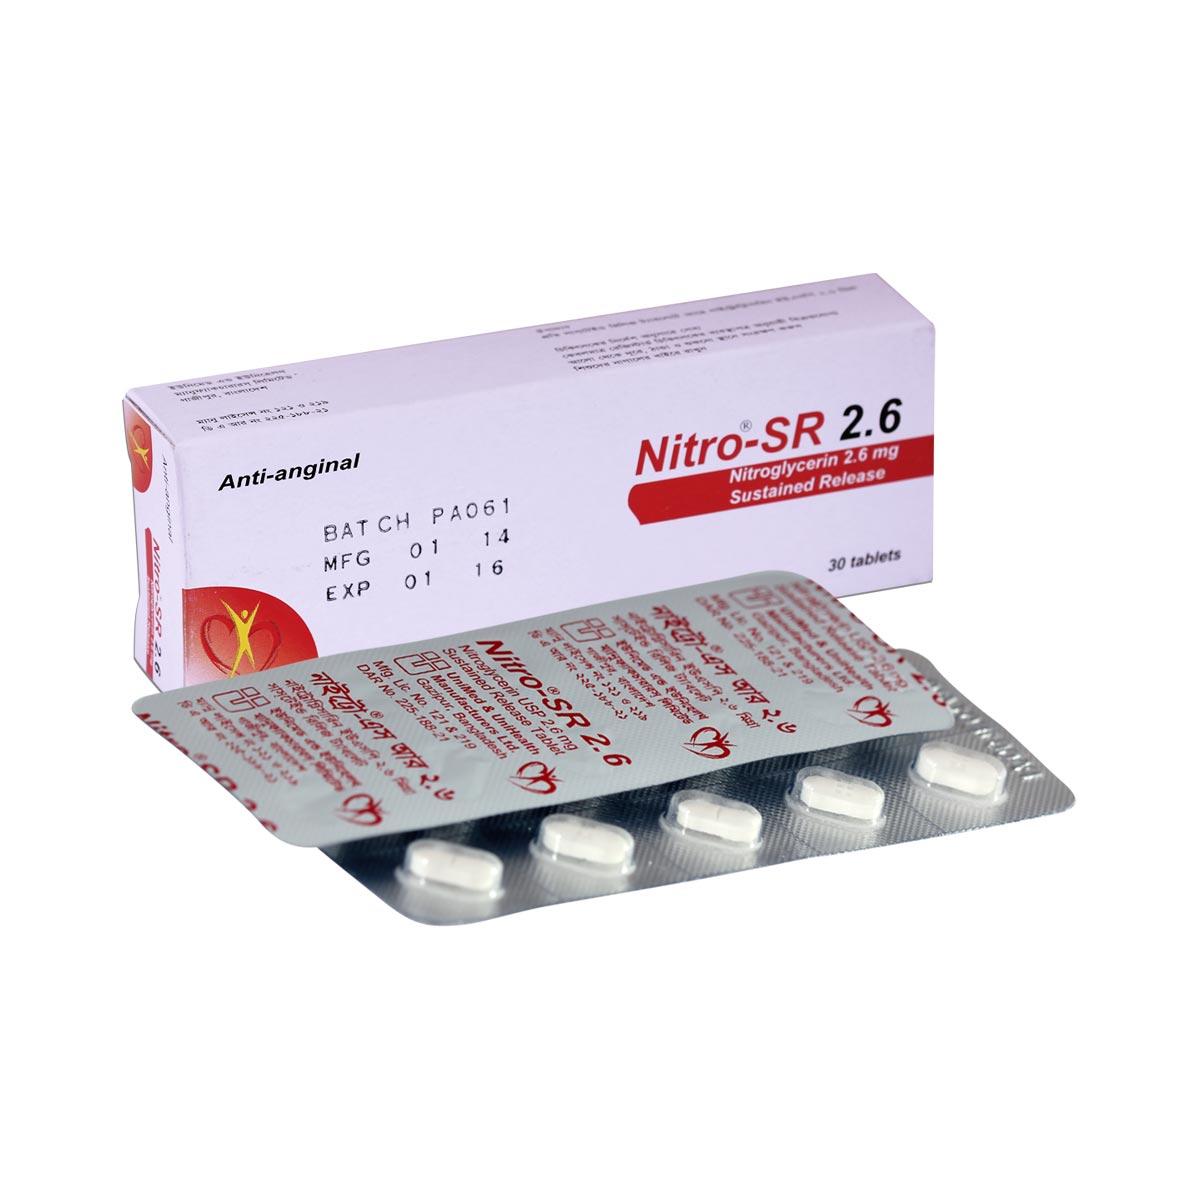 NITRO-SR